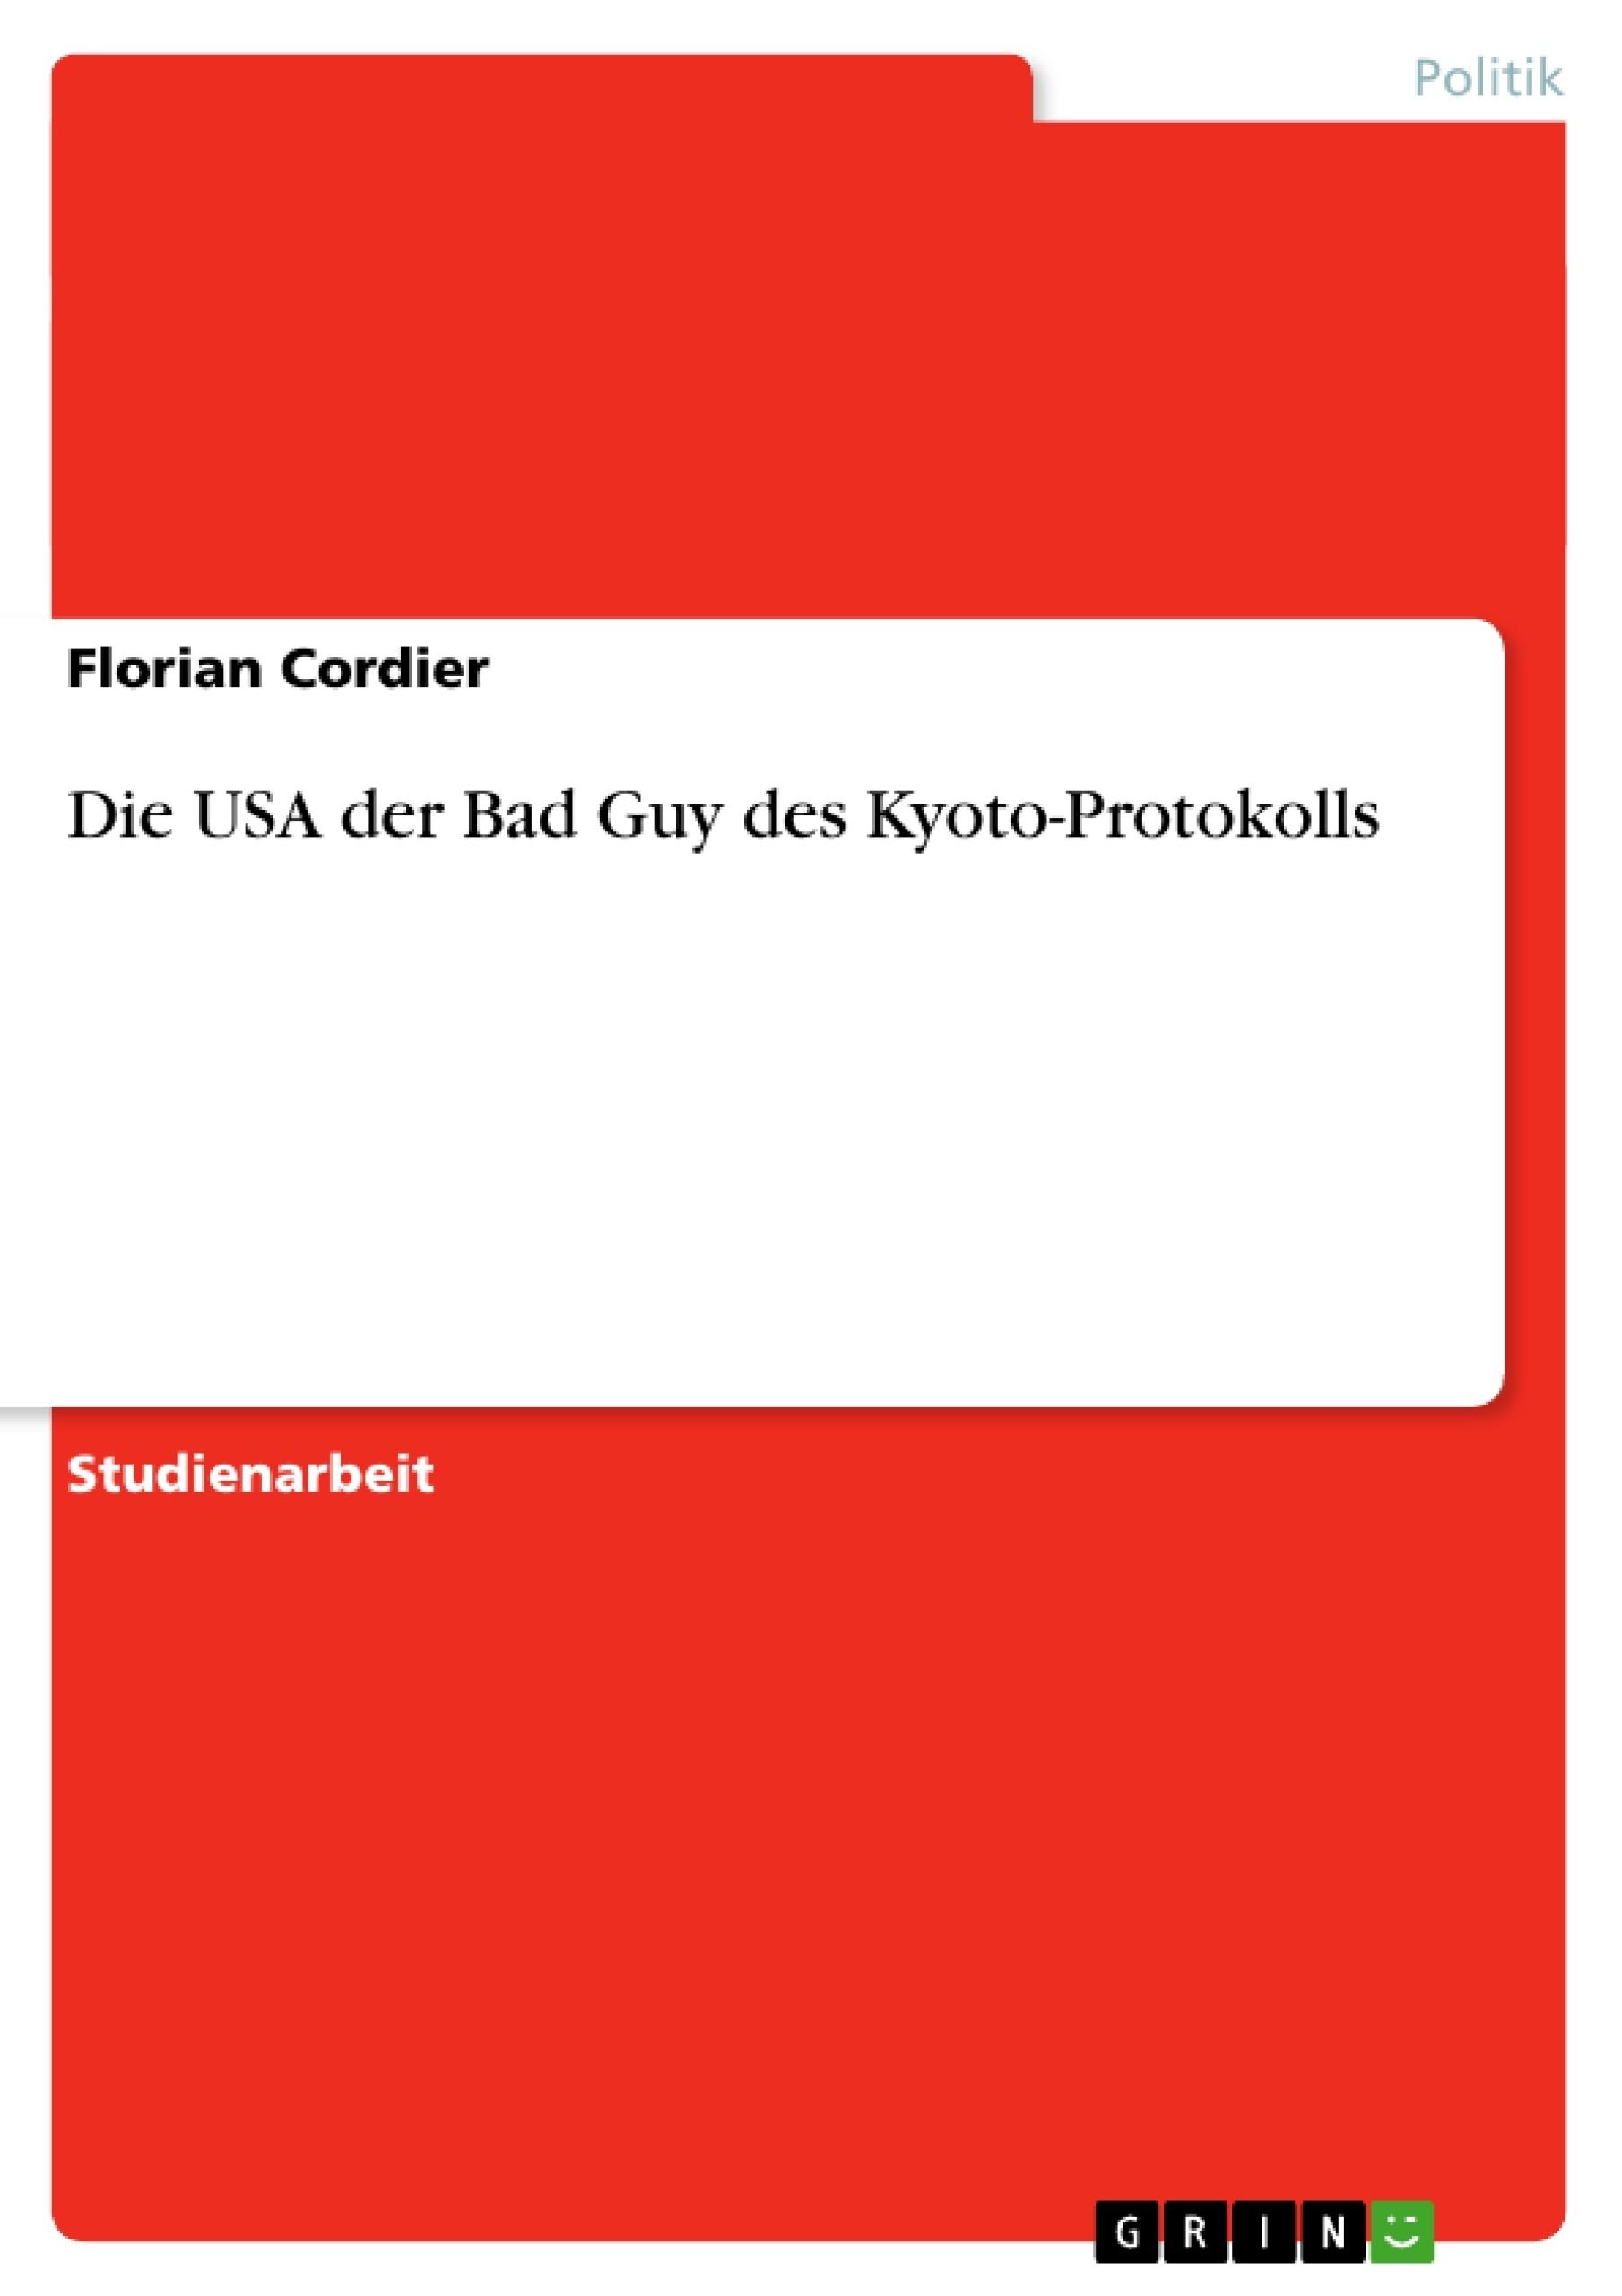 Titel: Die USA der Bad Guy des Kyoto-Protokolls